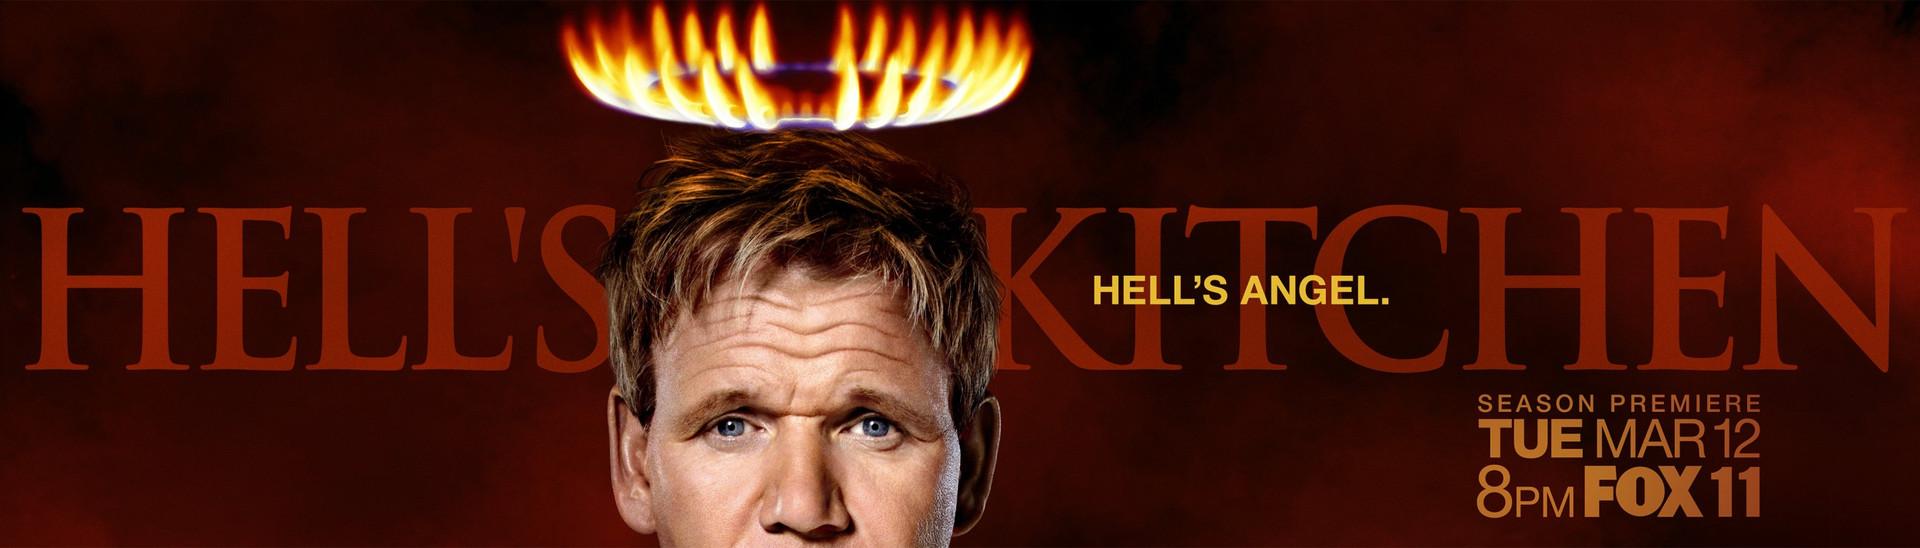 hells_kitchen_ver6_xxlg.jpg